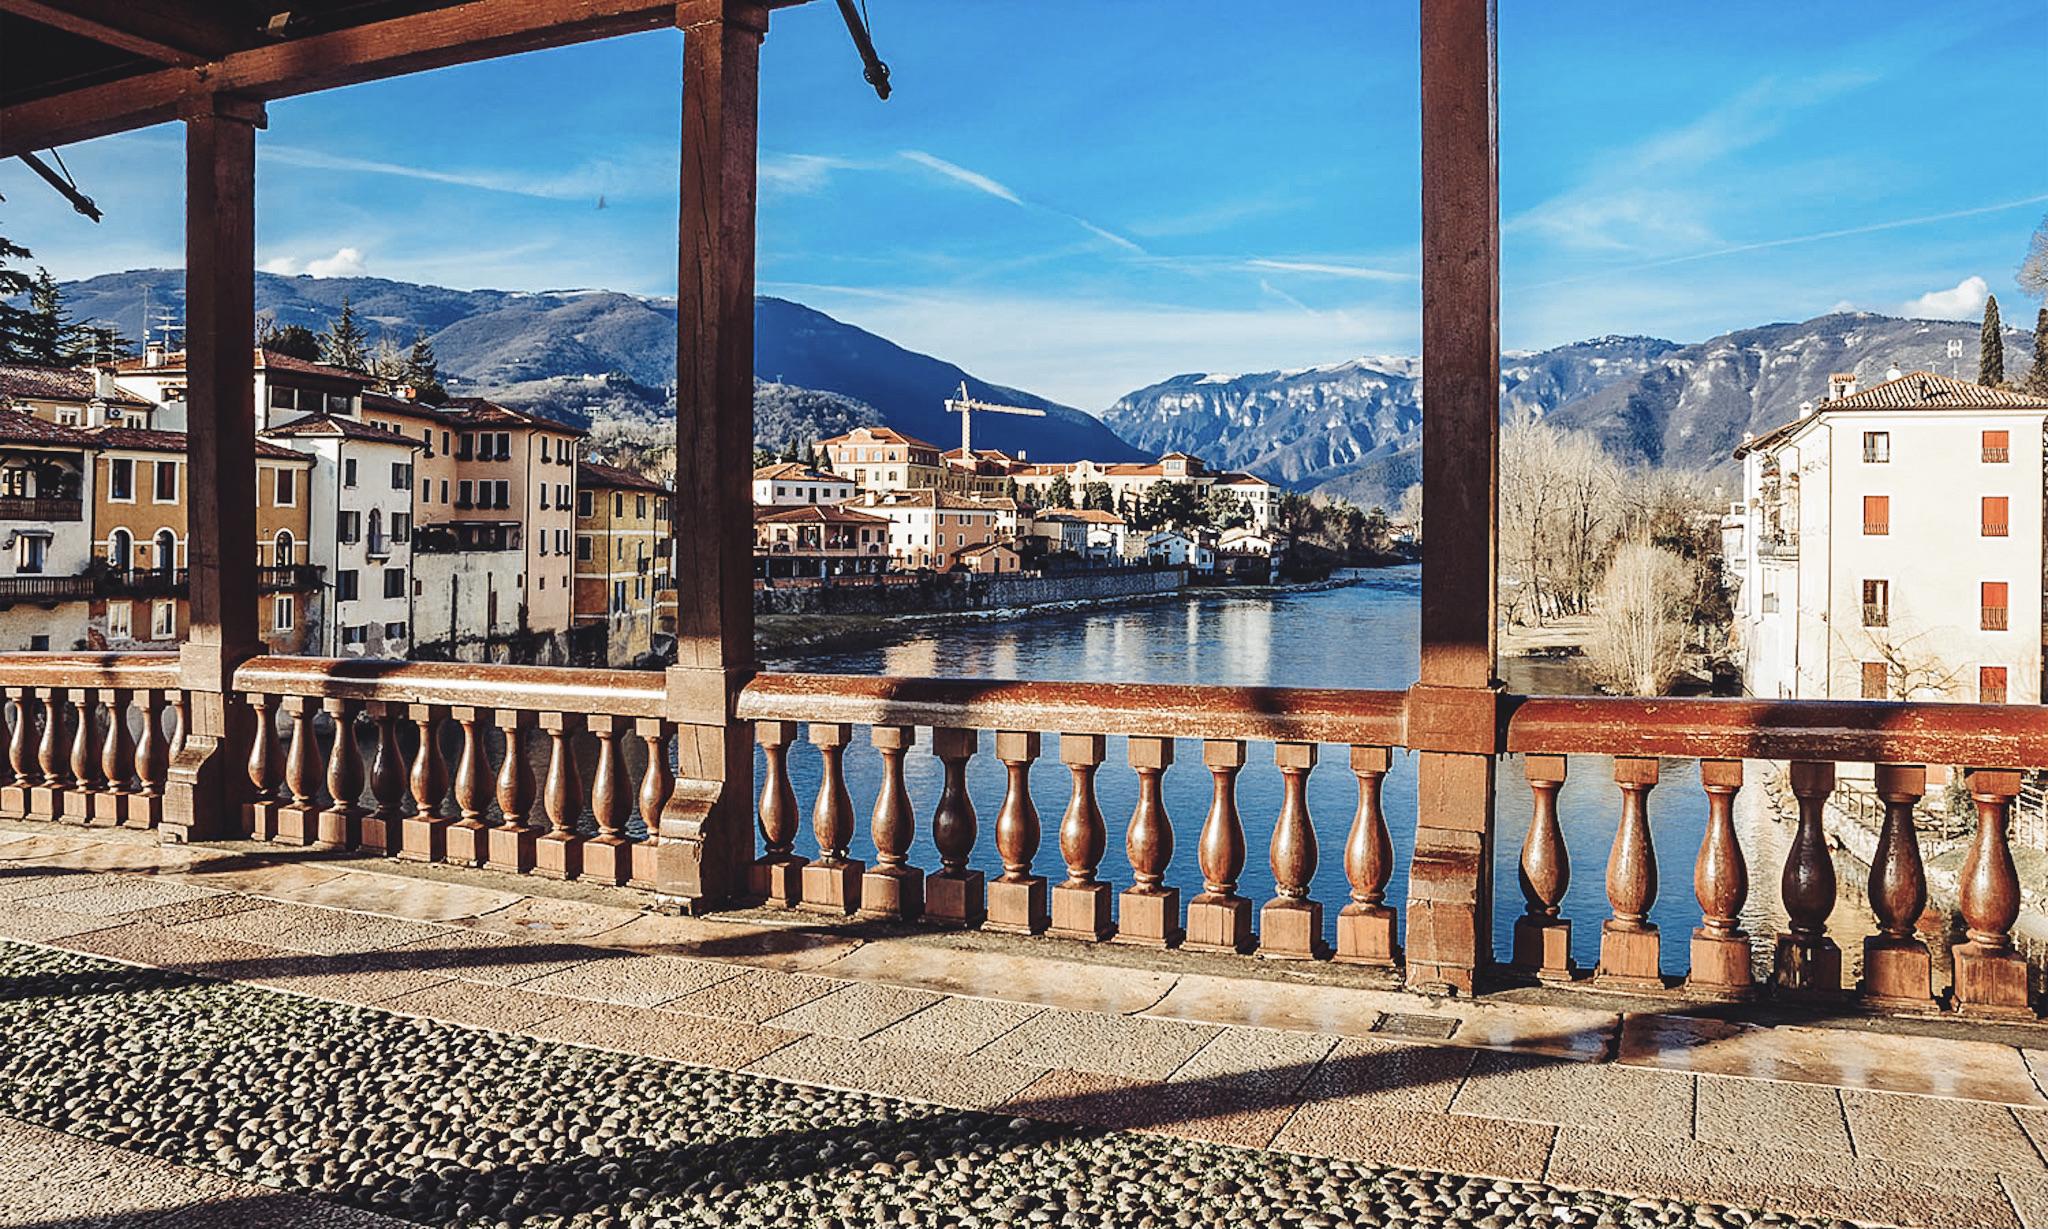 Bassano del grappa town near Venice bridge and attractions